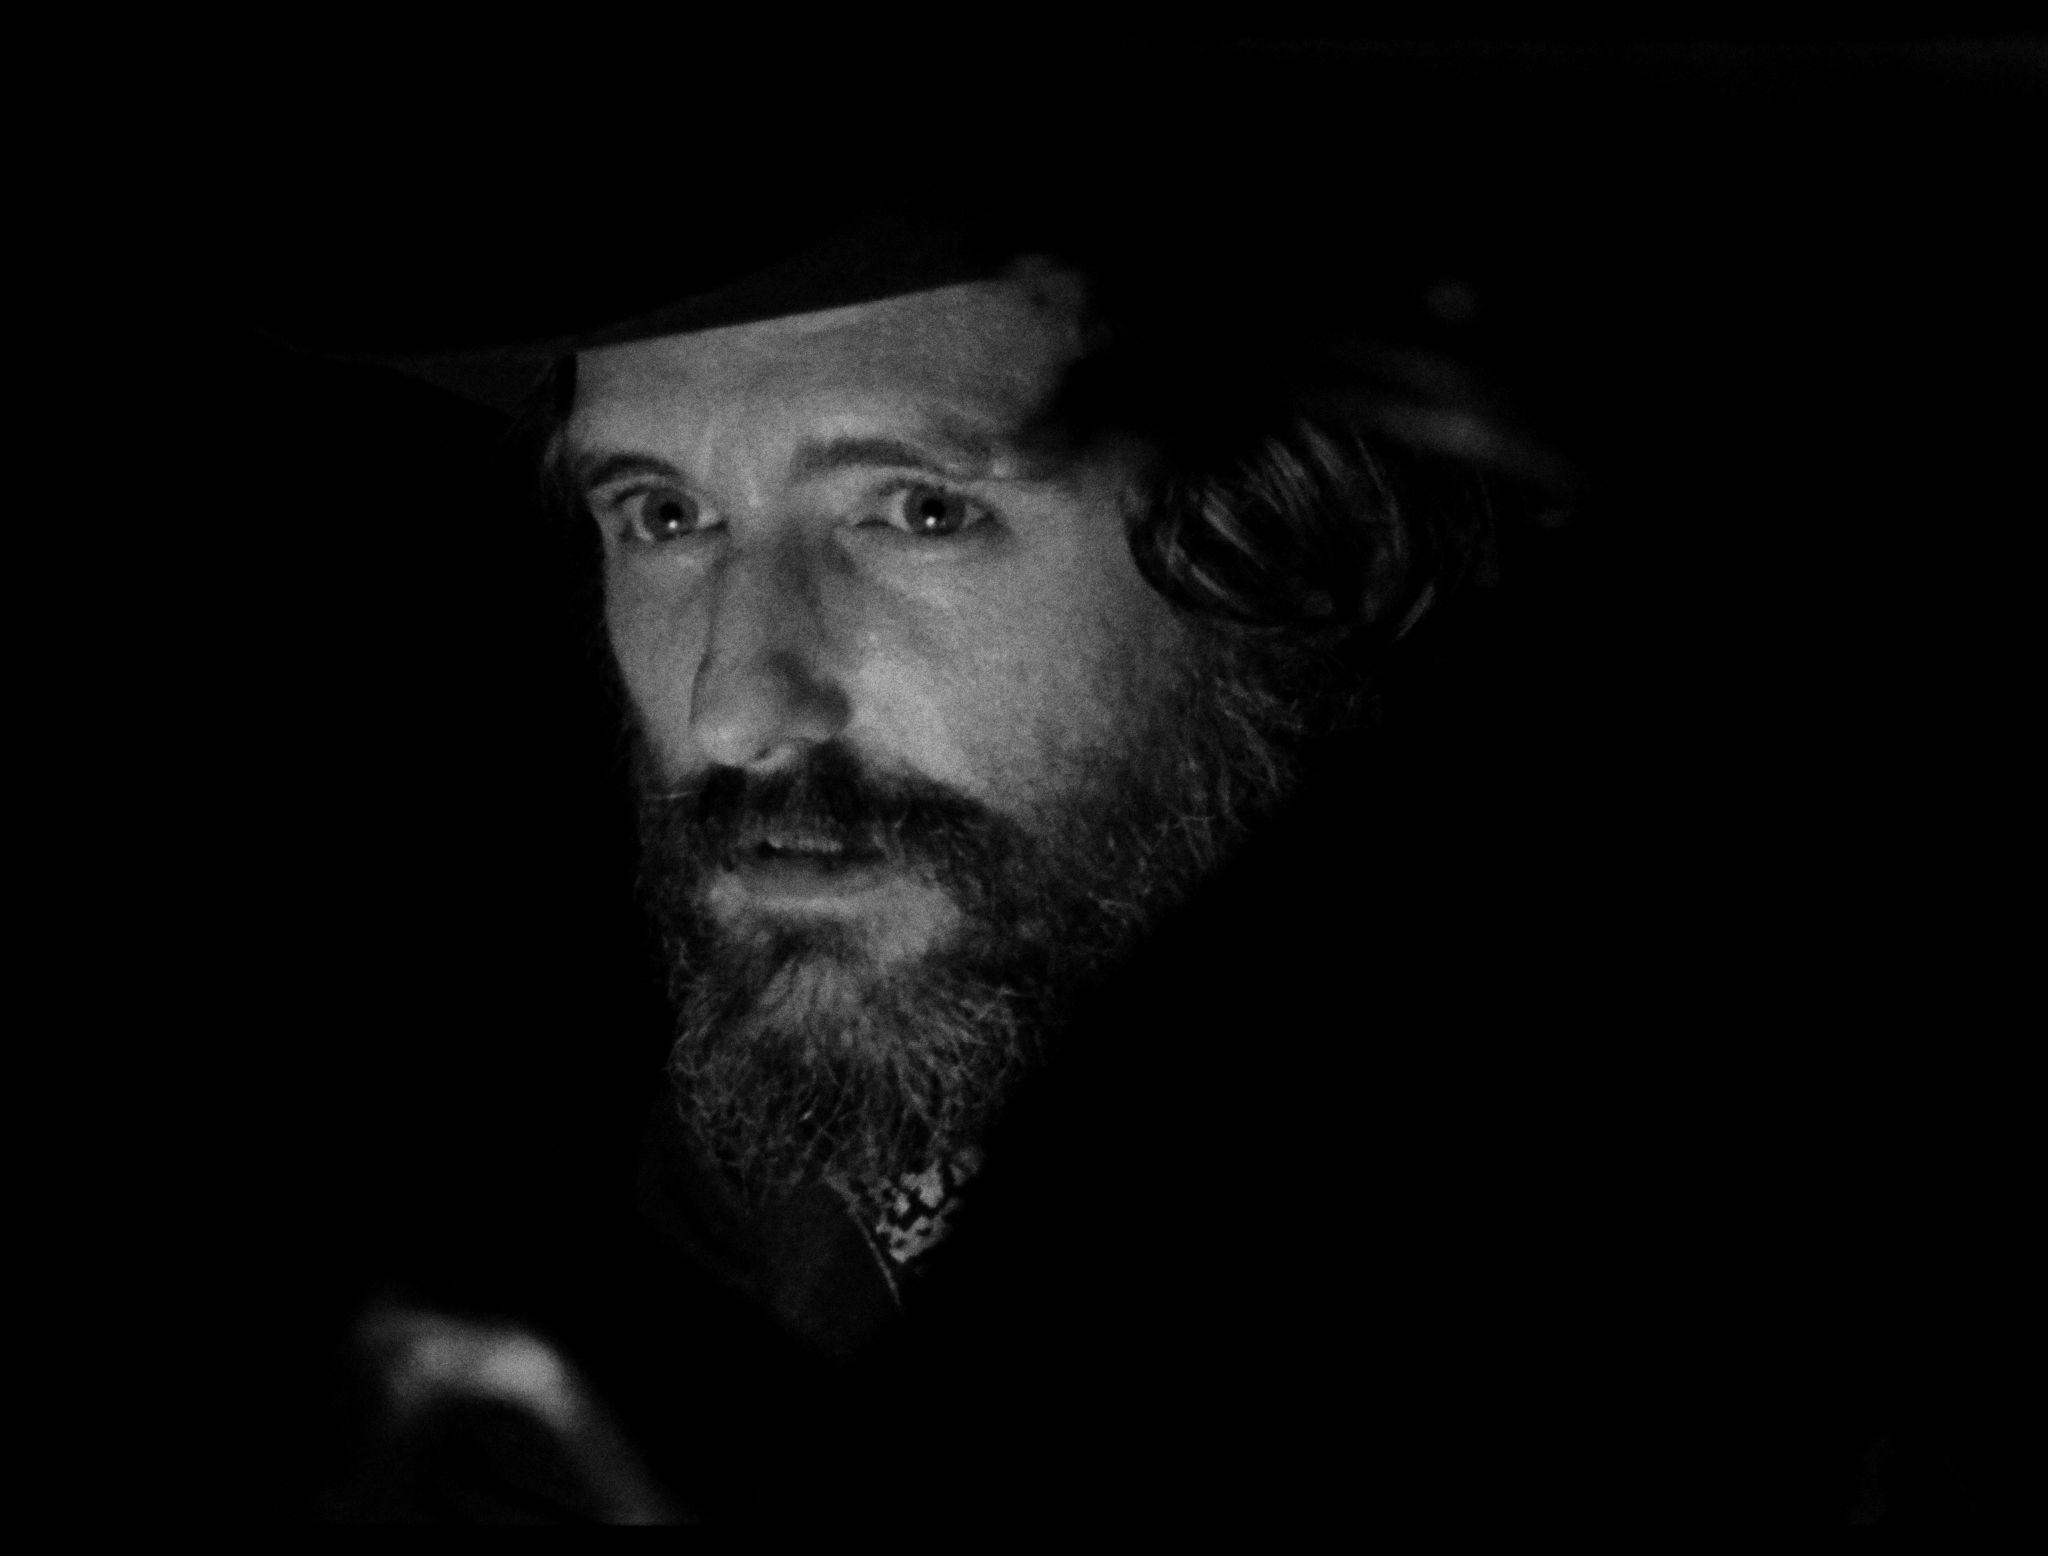 Hopper_Welles_dir_Orson_Welles_3